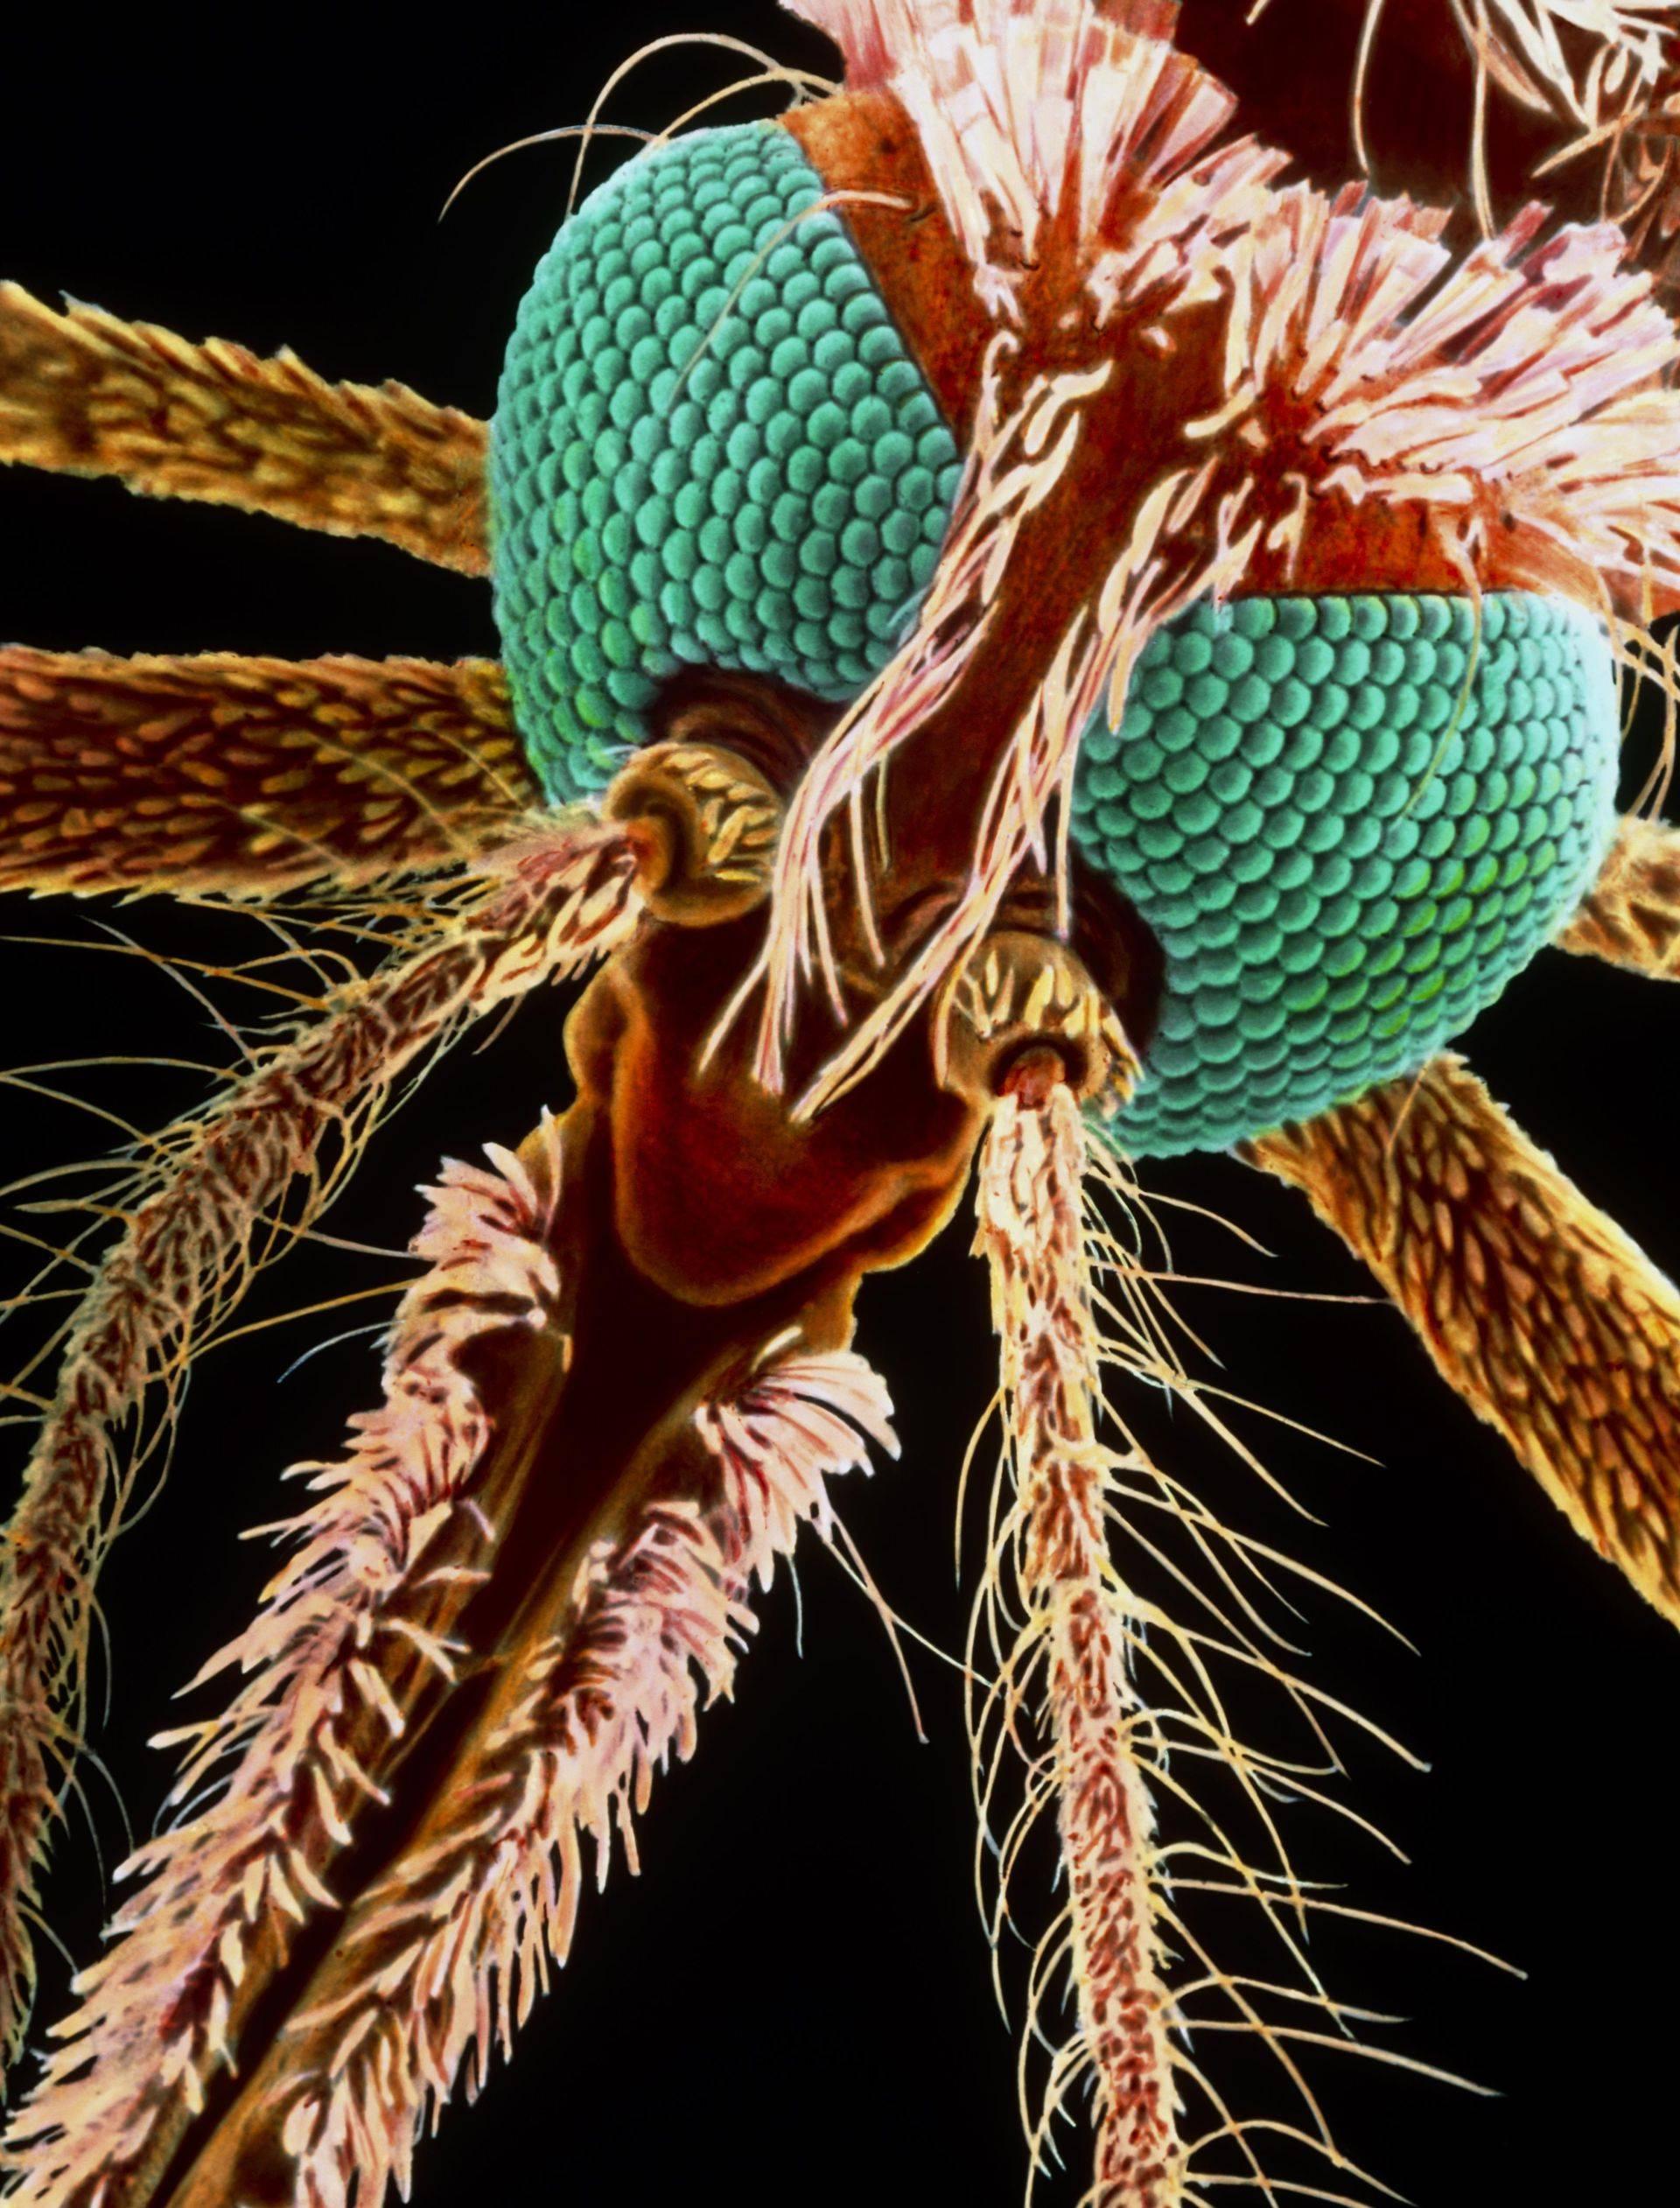 Комары есть ли у них зубы